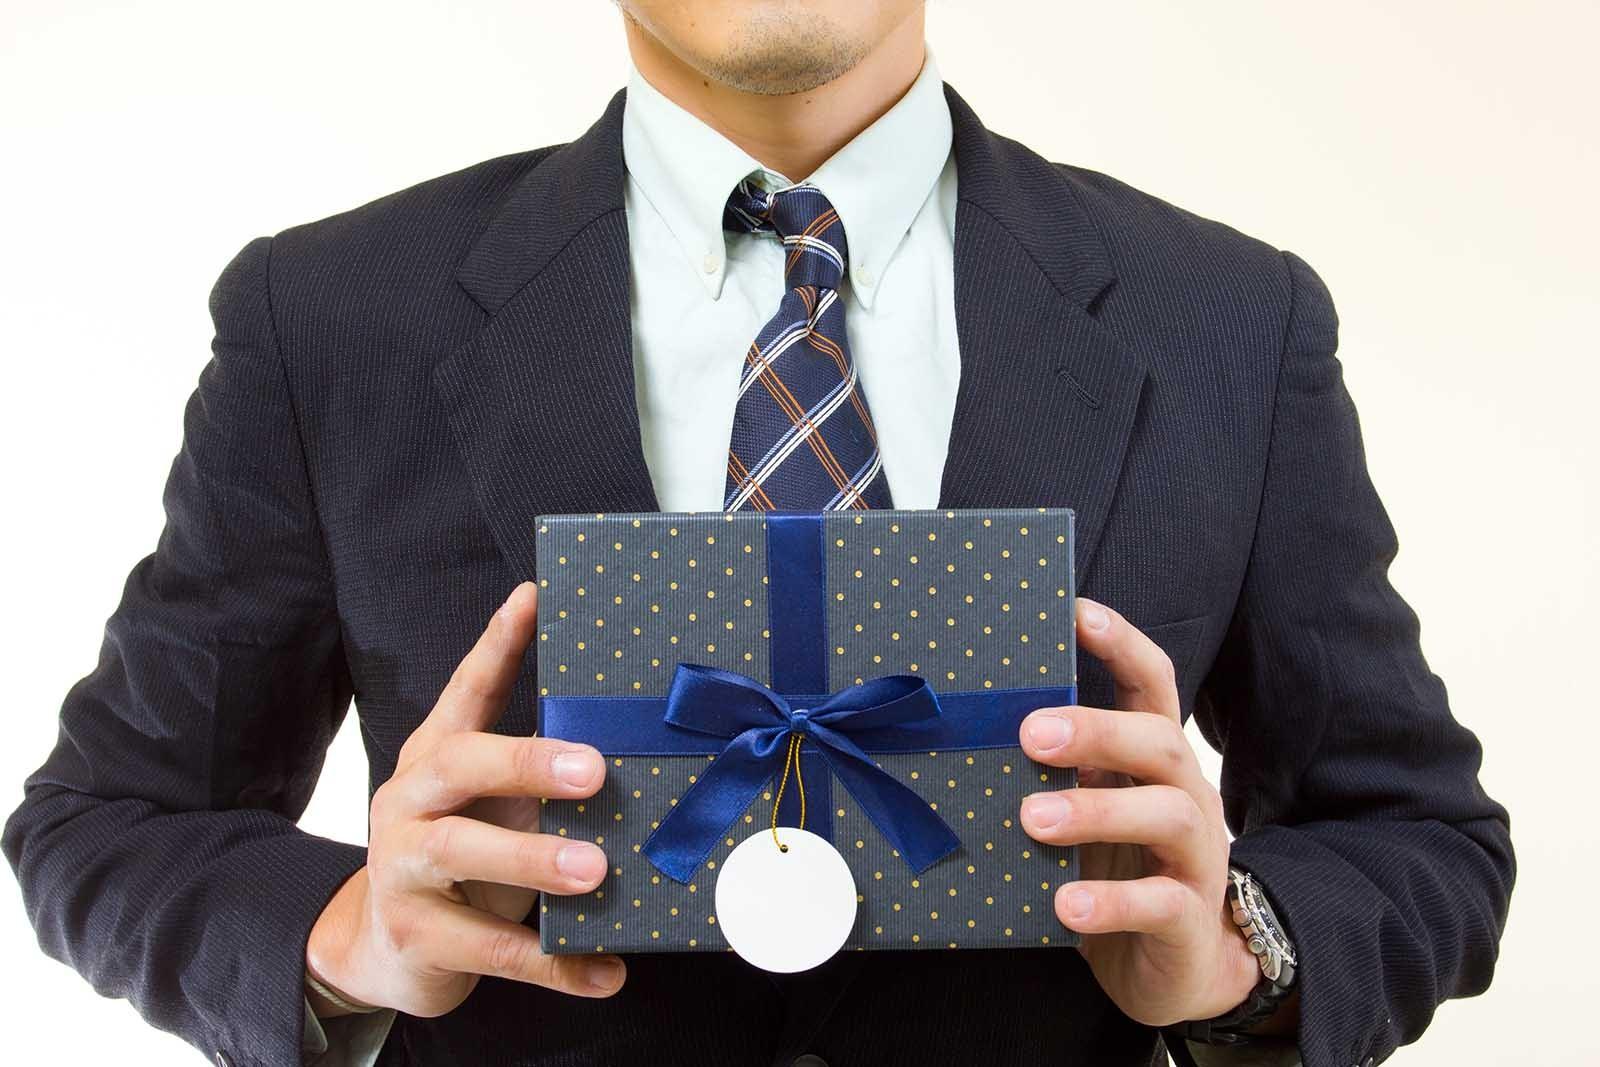 Сумма подарка госслужащему 97